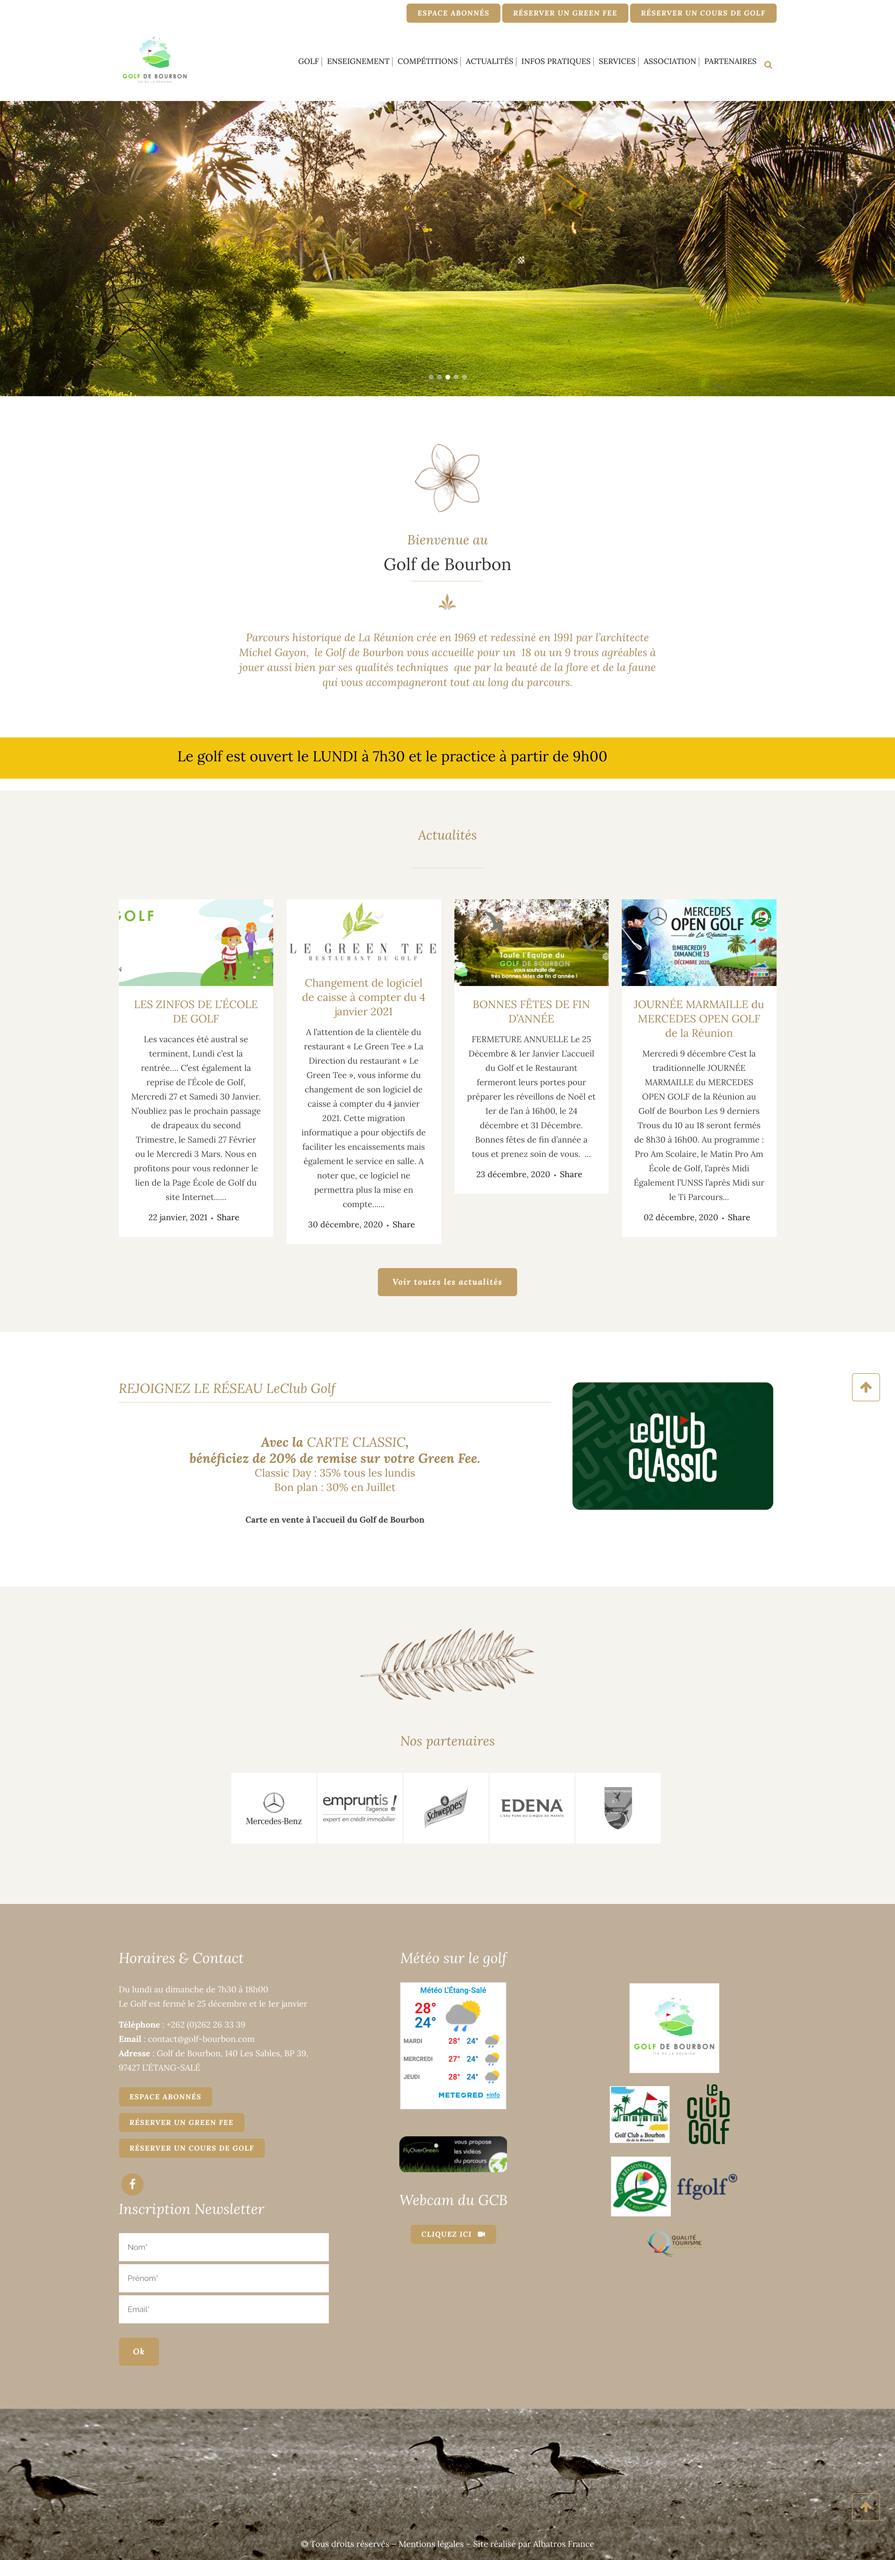 rdsc golf bourbon website screenshot